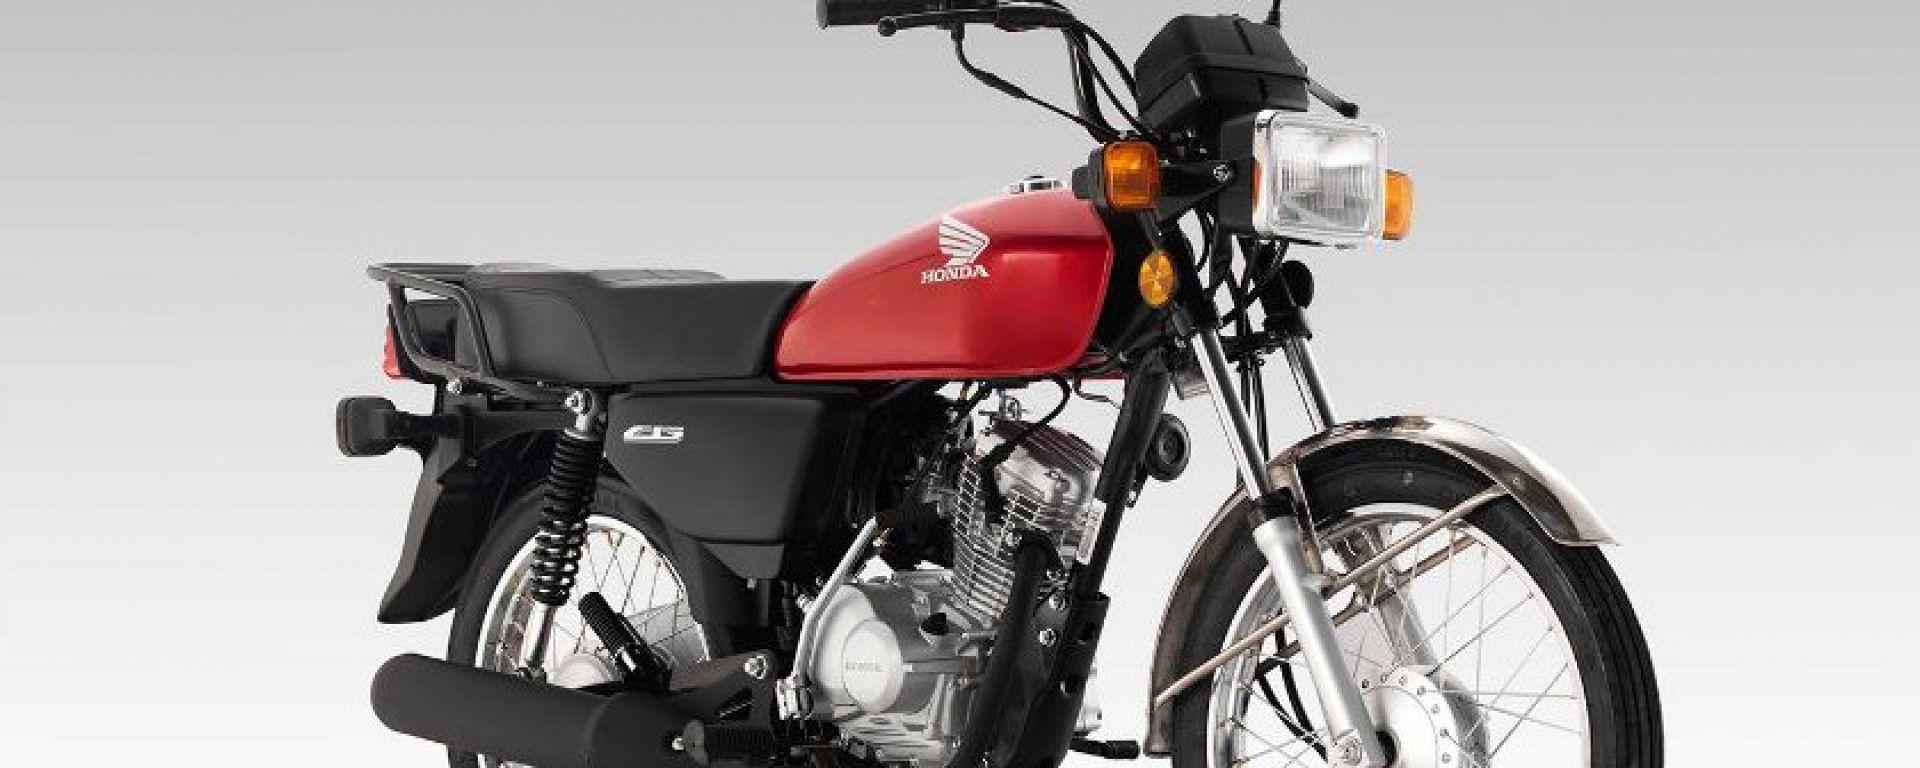 Honda CG110